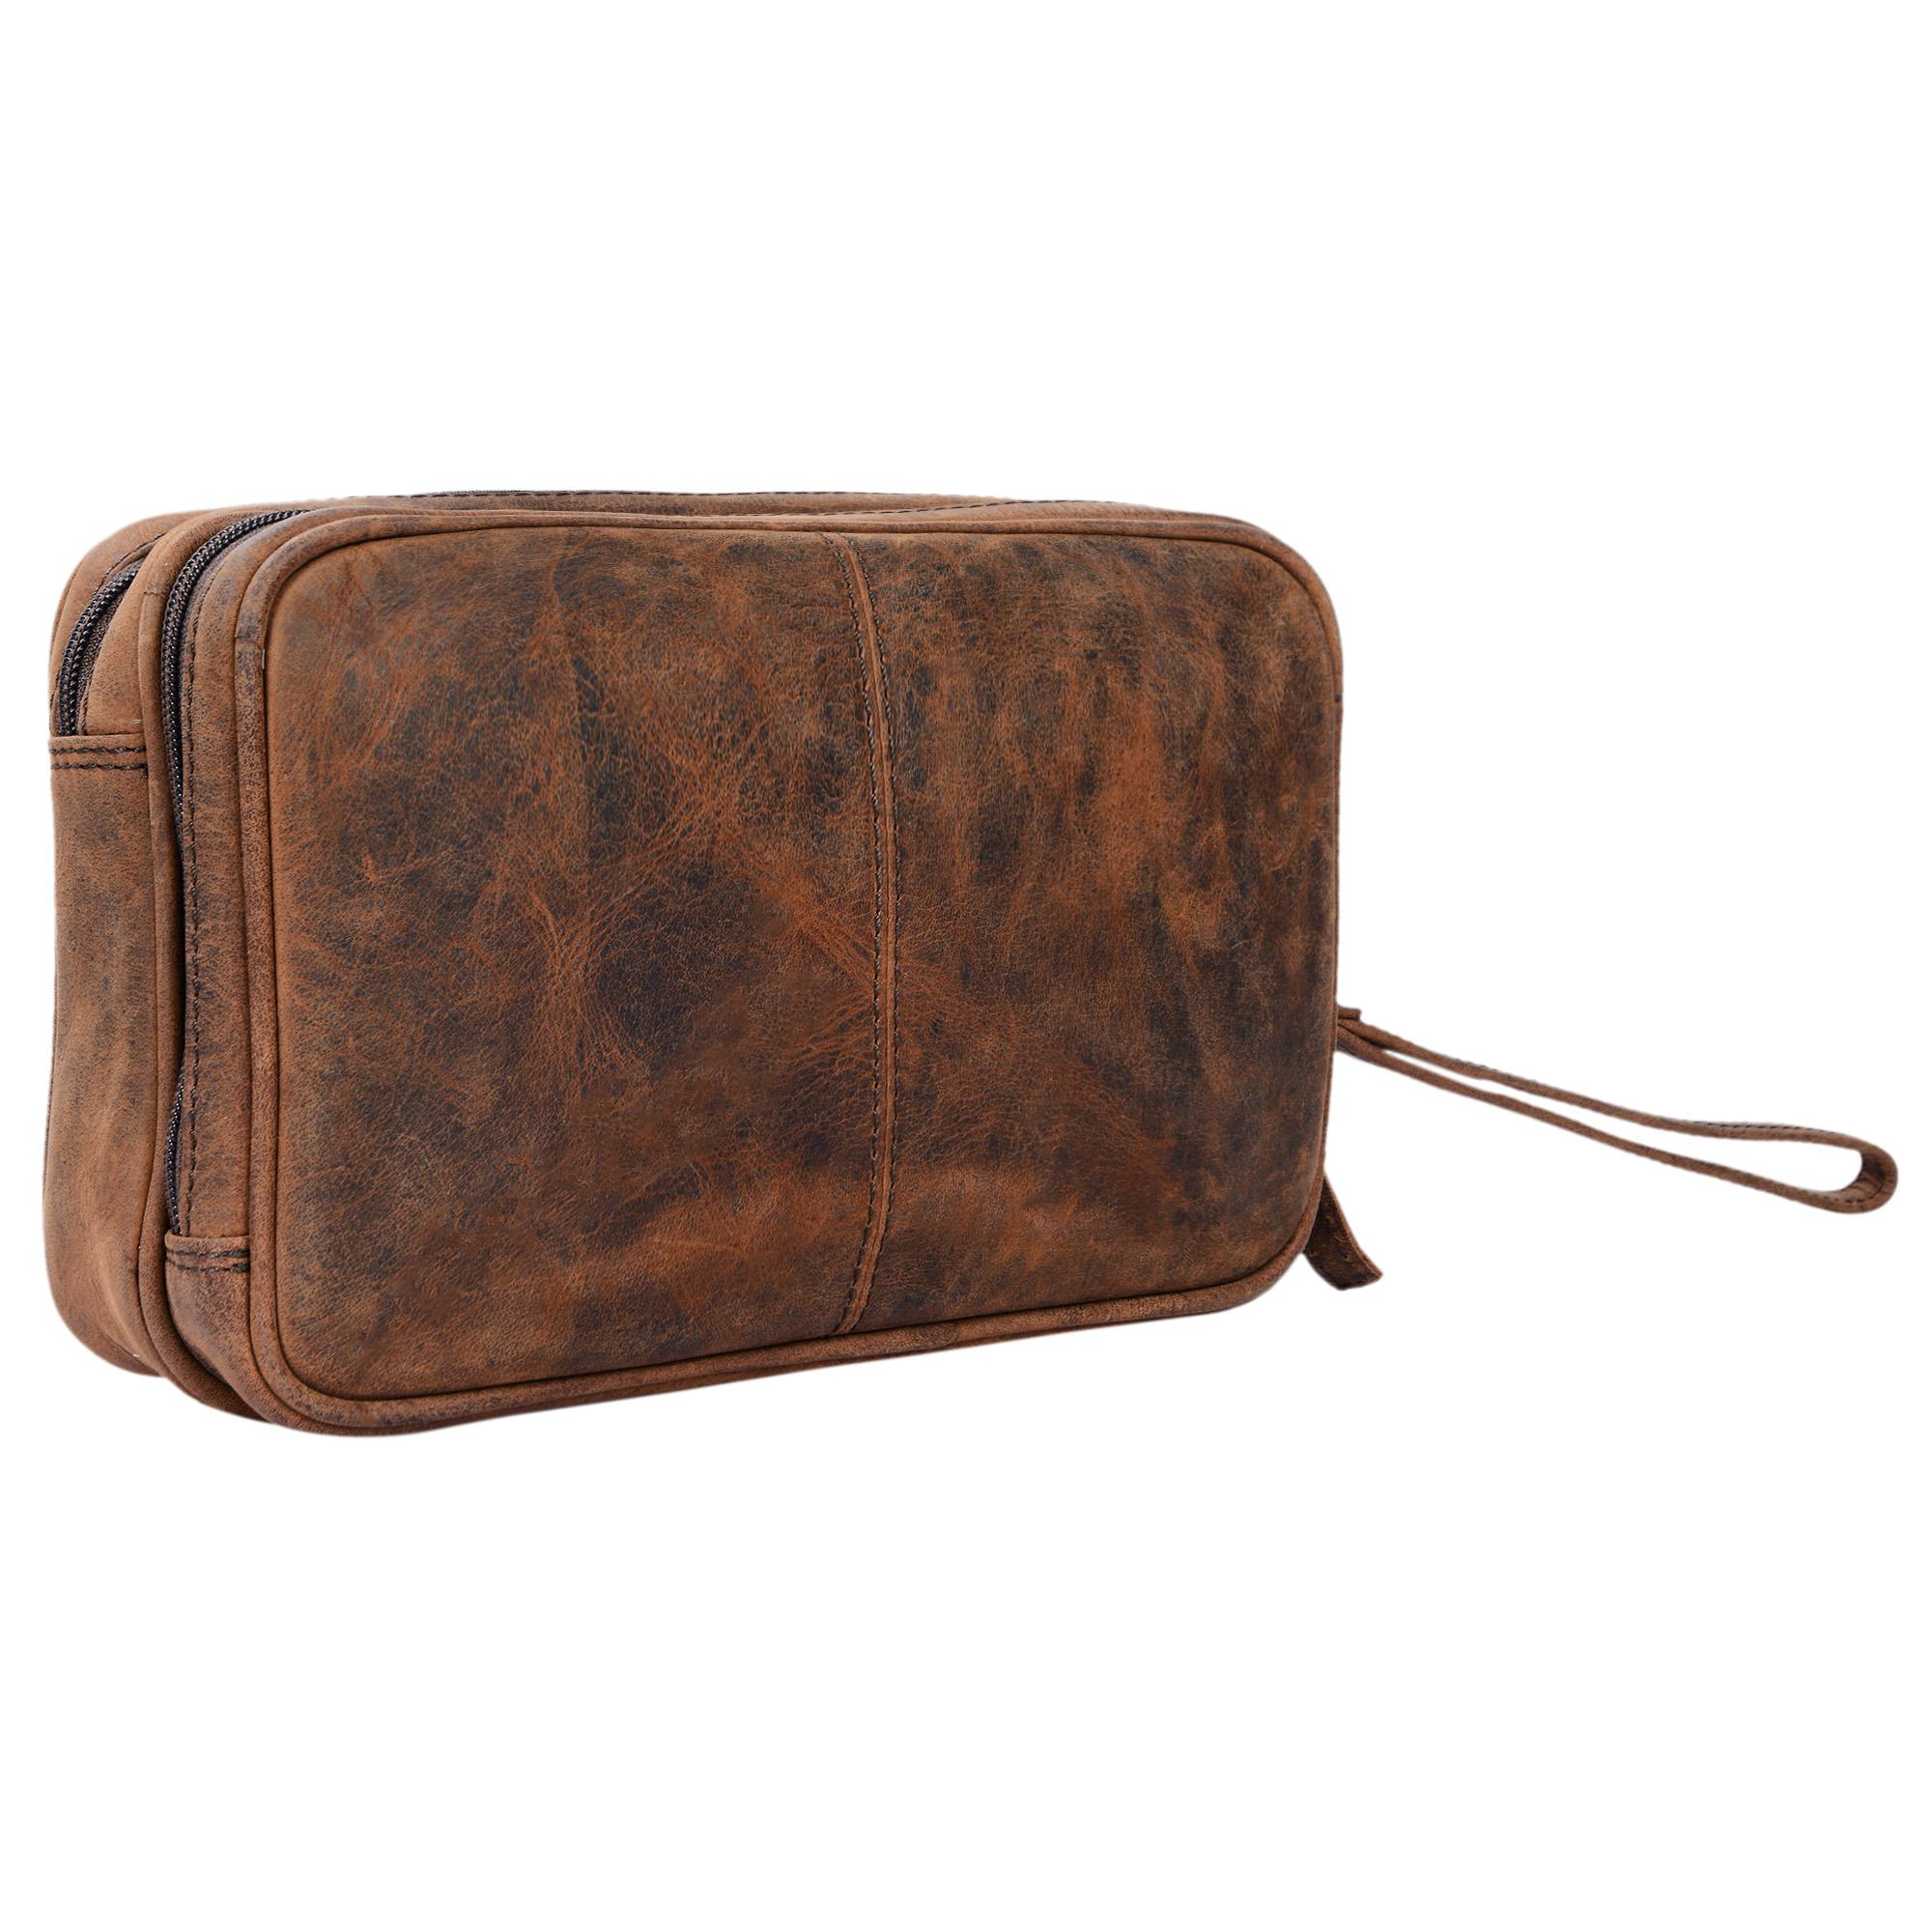 """STILORD """"Nero"""" Handgelenktasche Herren Leder mit Doppelkammer Vintage Handtasche für 8,4 Zoll Tablets ideal für Reisen Festival Herrenhandtasche echtes Leder - Bild 21"""